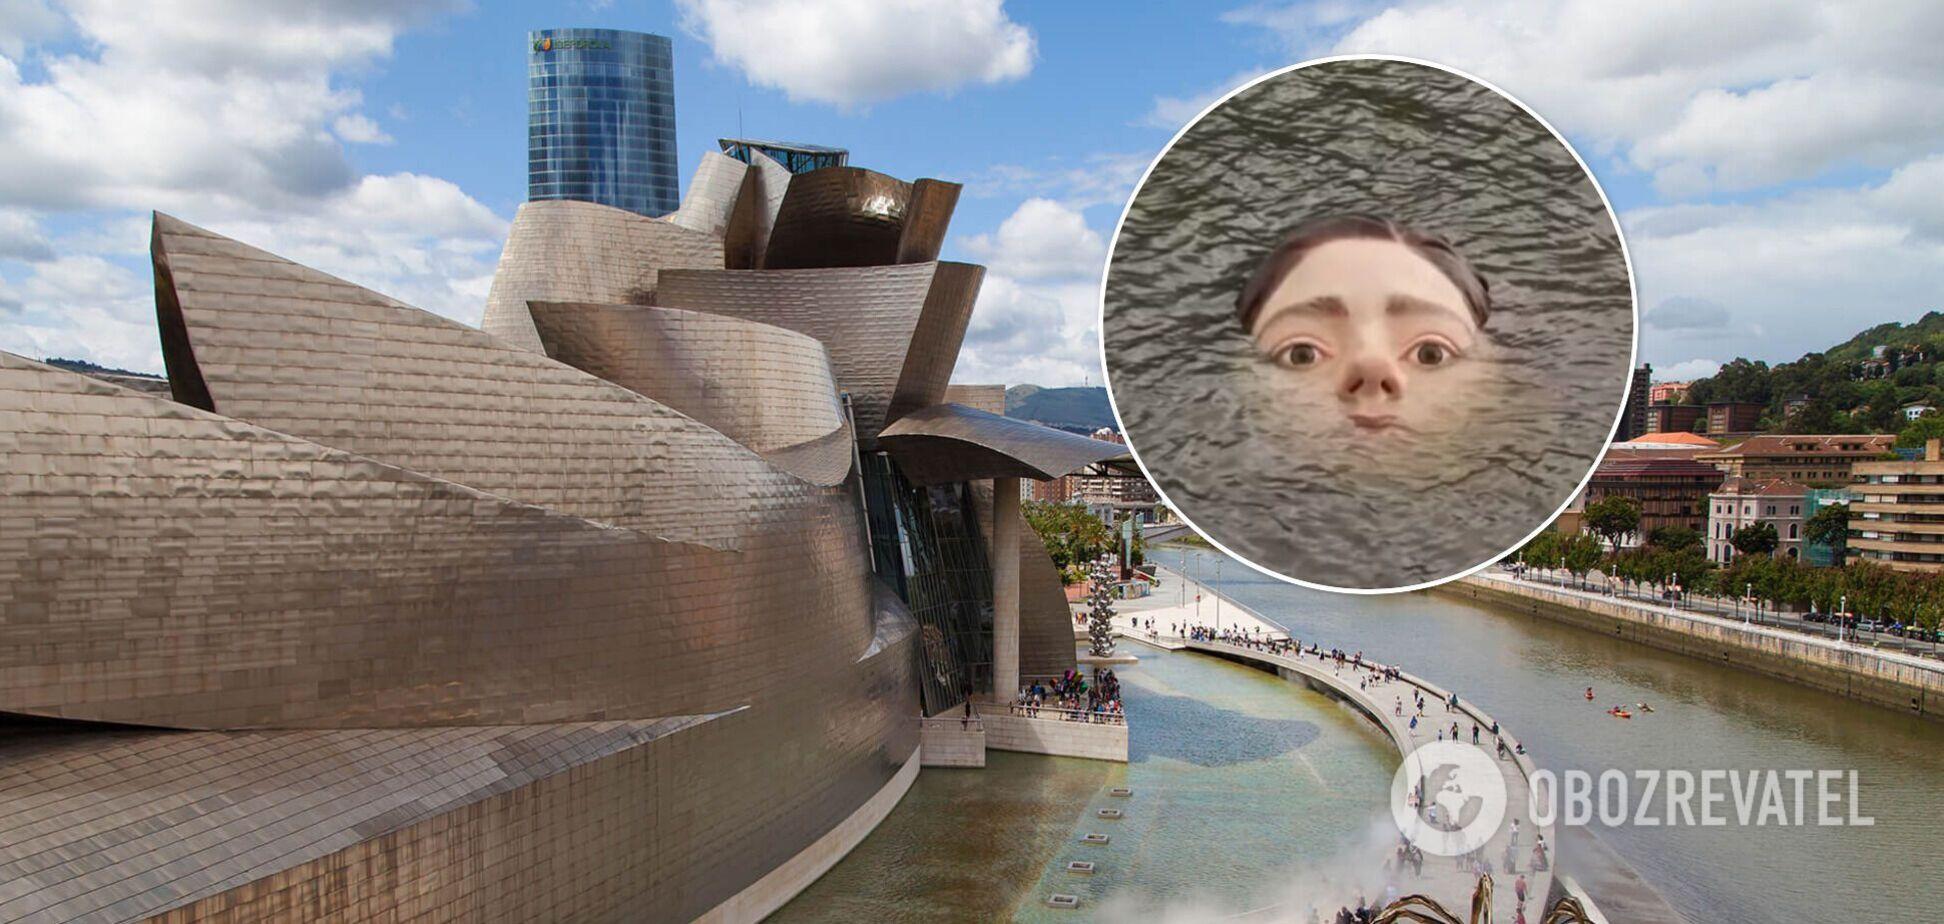 В Іспанії обличчя дівчини, що тоне в річці, налякало місцевих жителів. Фото і відео